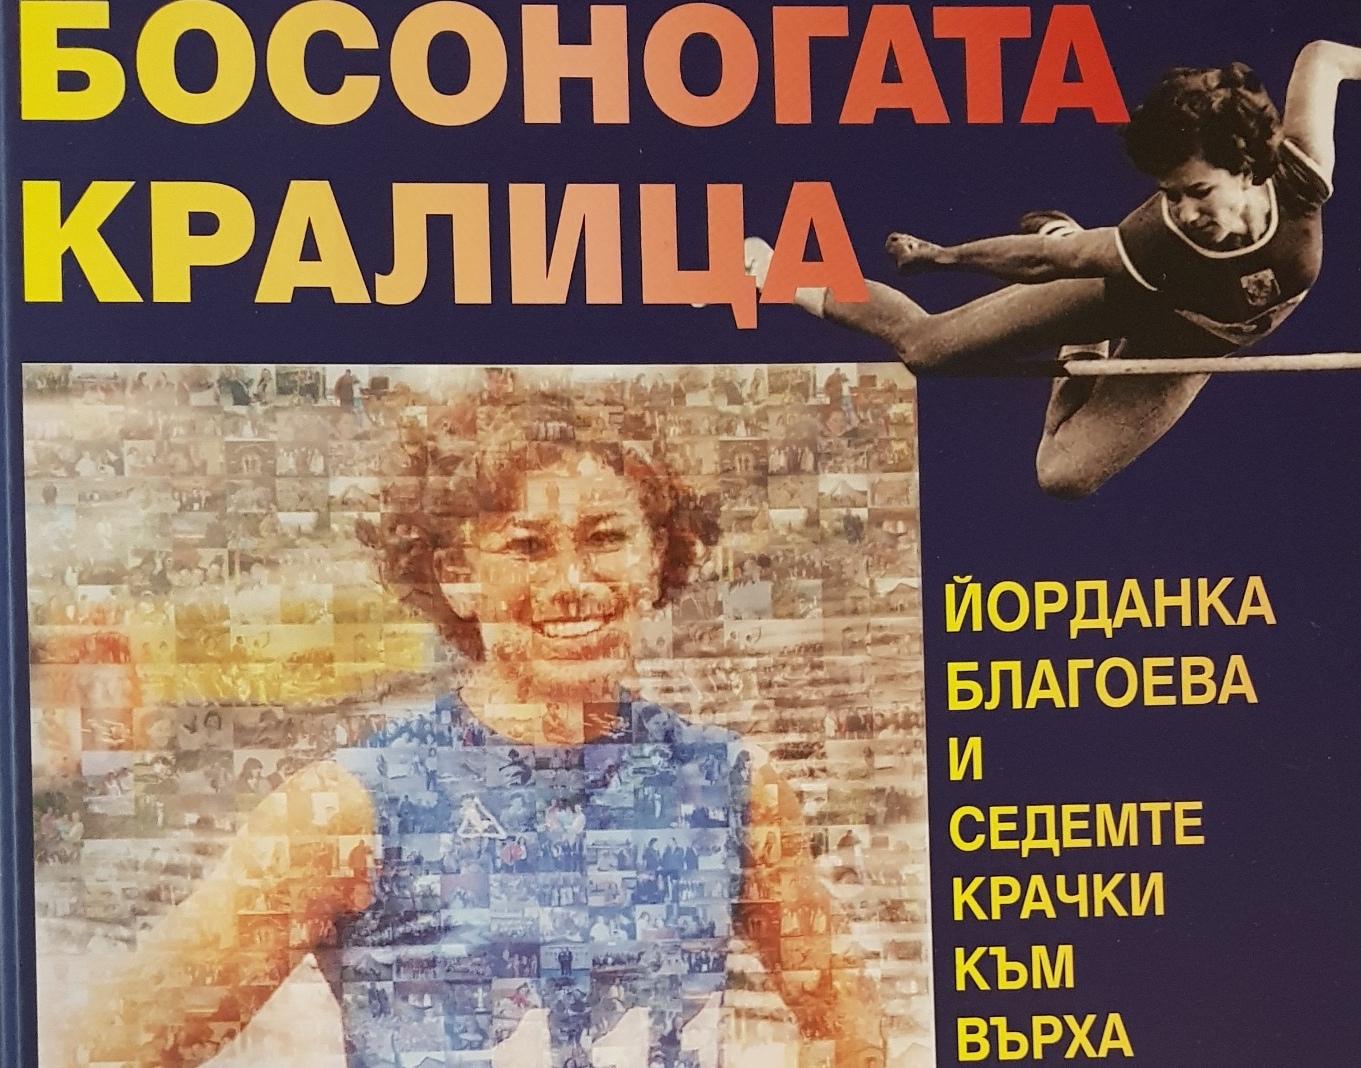 Вицепрезидентът на БОК Йорданка Благоева, олимпийска вицешампионка и бивша световна